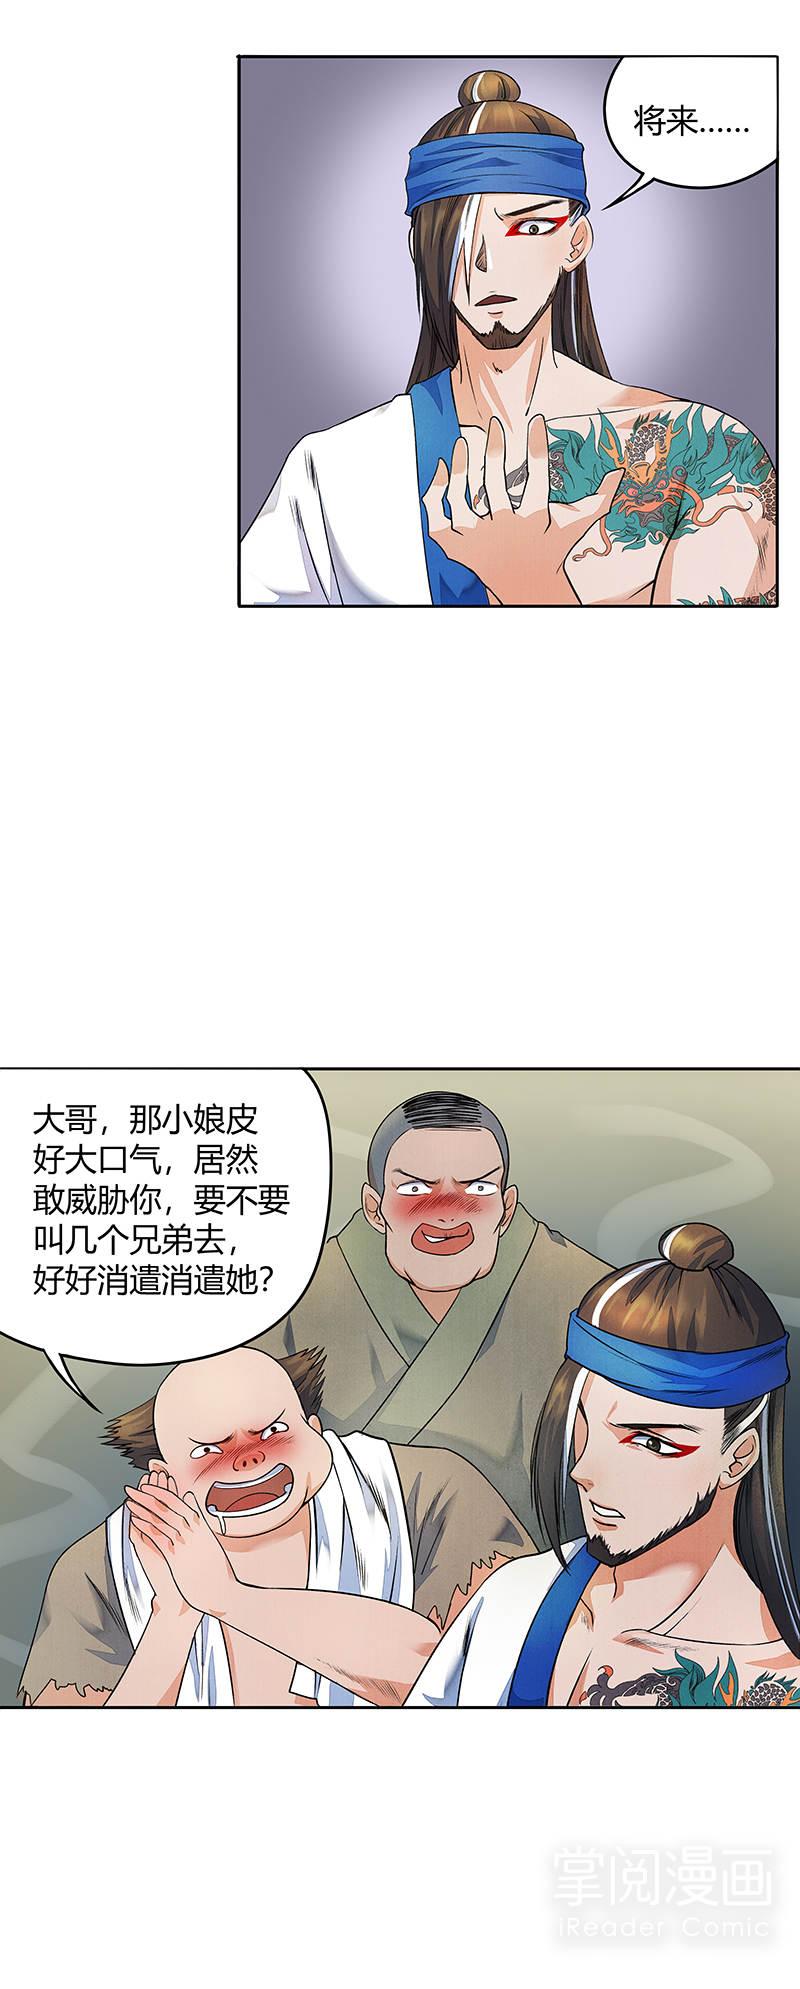 逍遥游第19话  一言桀骜终相见 第 5